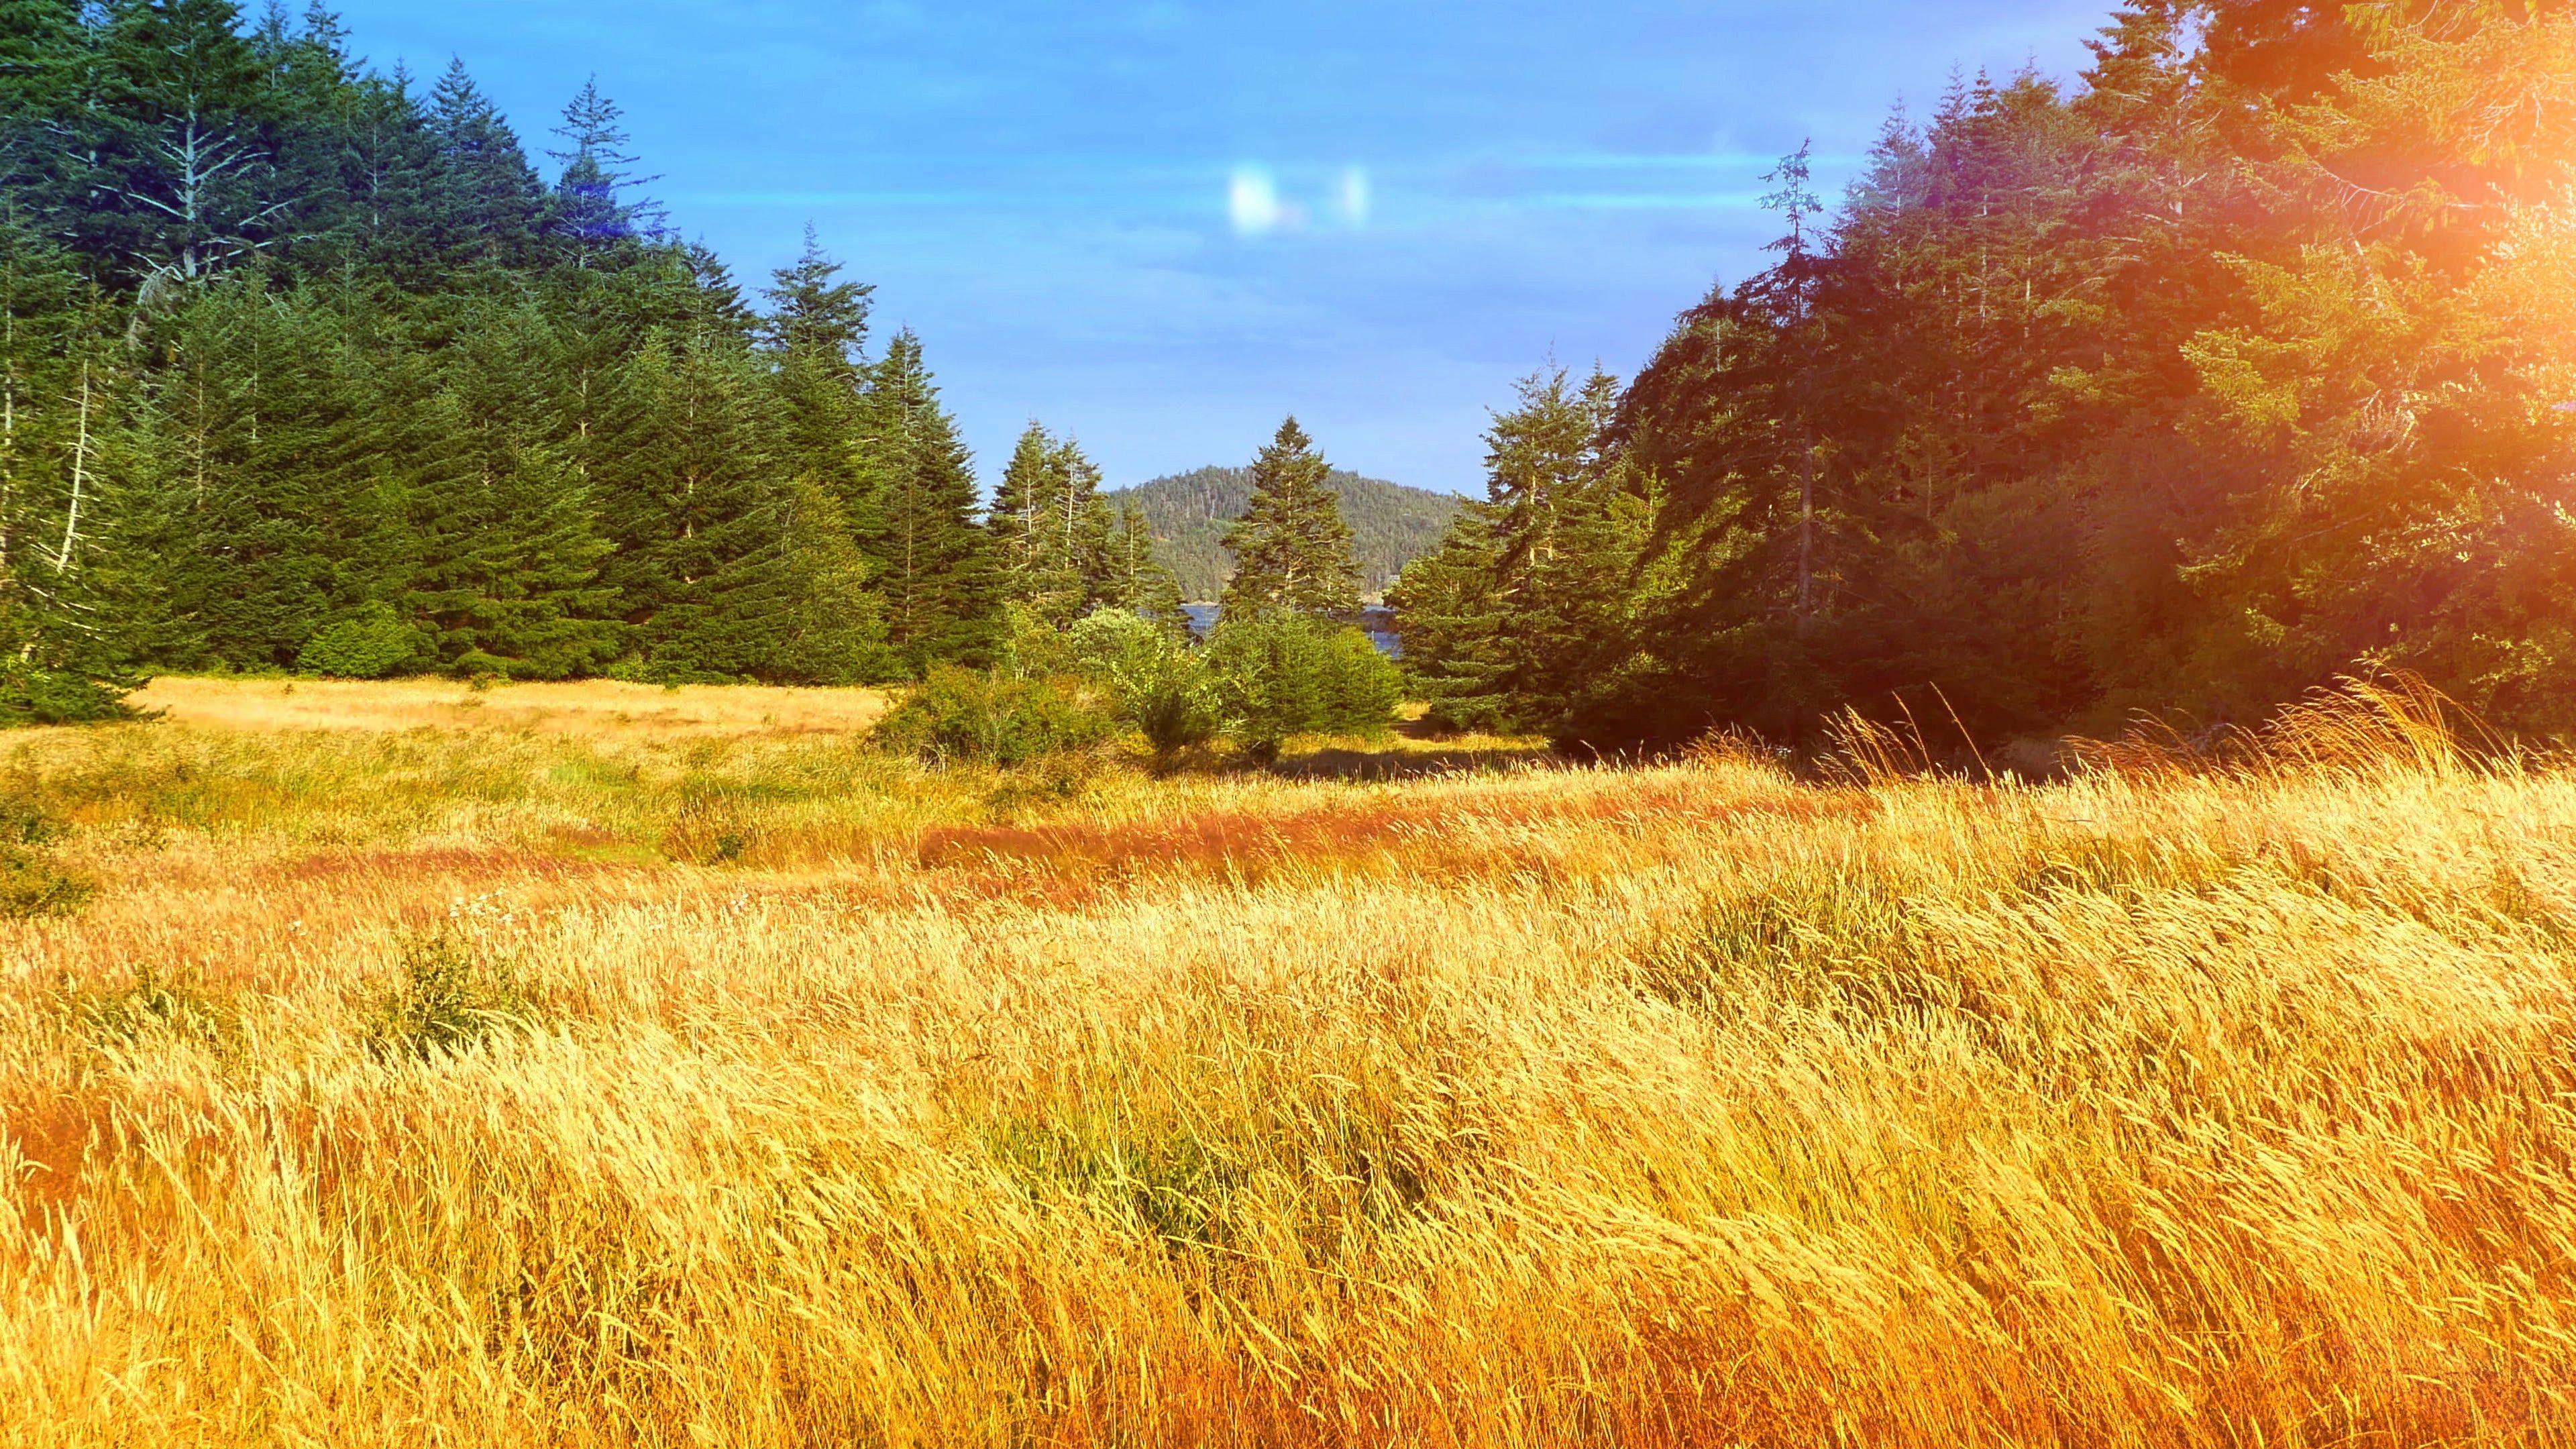 Sunset In Beautiful Park Nature Sunset Landscape Yellow Grass Field Sunlight Stock Footage Nature Landscape Park Sunse Sunset Landscape Landscape Grass Field